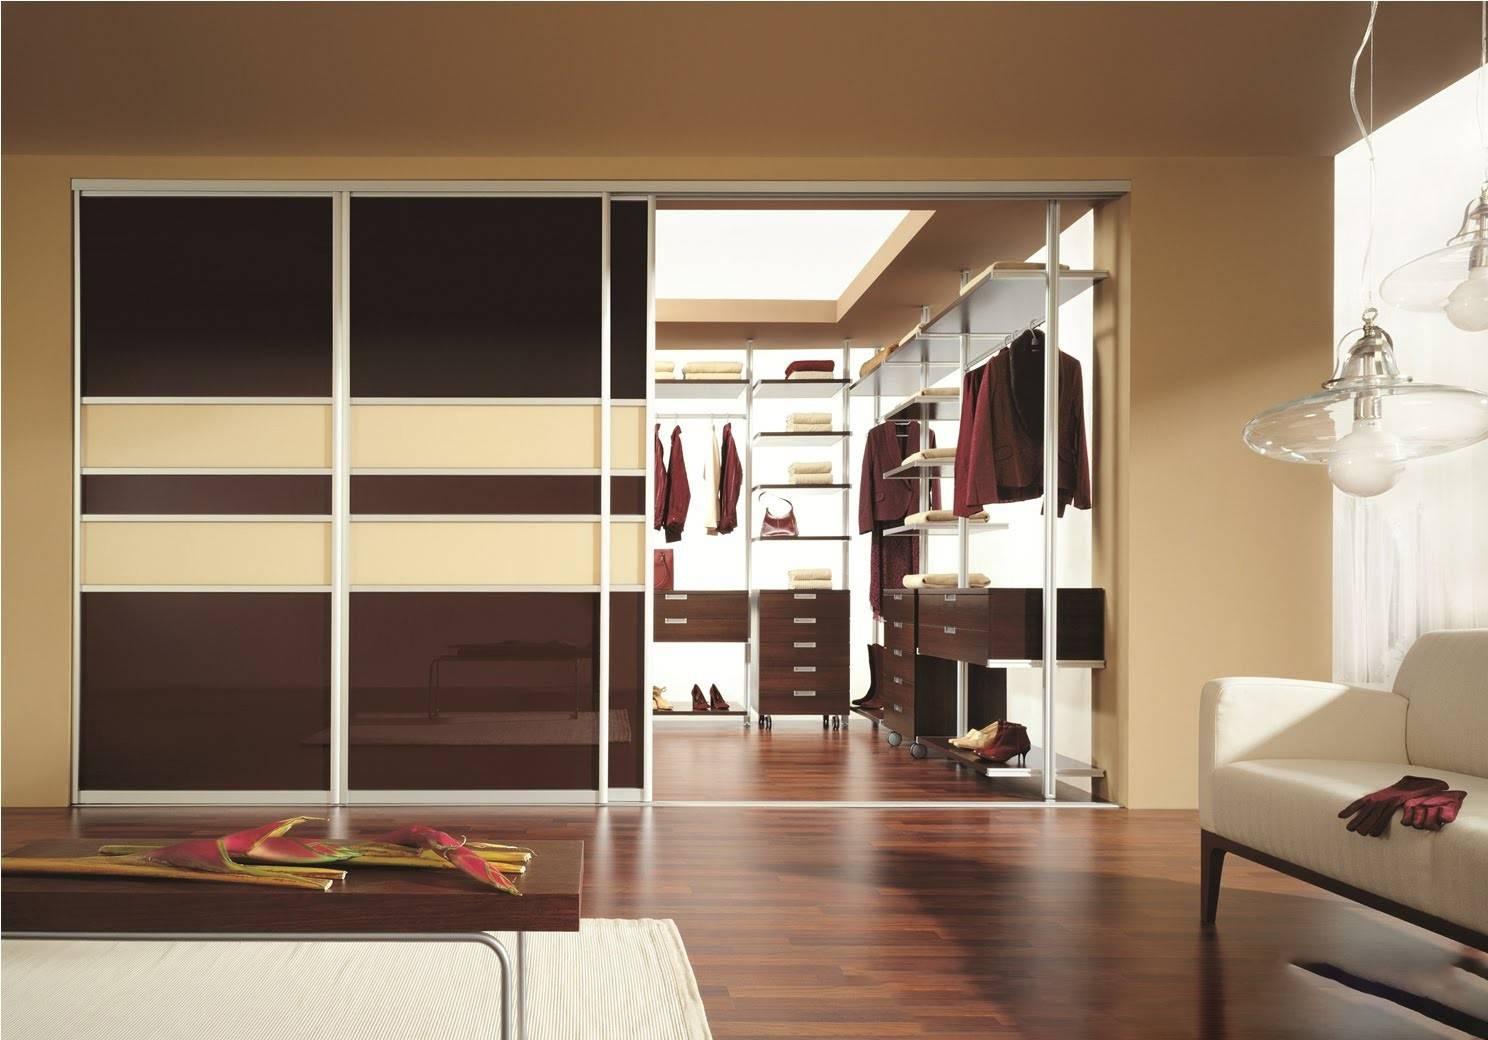 Гардеробные шкафы-купе: металлические, для одежды, двухсекционные, дизайн-проекты, расположение, фурнитура, каркас, в детскую комнату, в офис, глубина